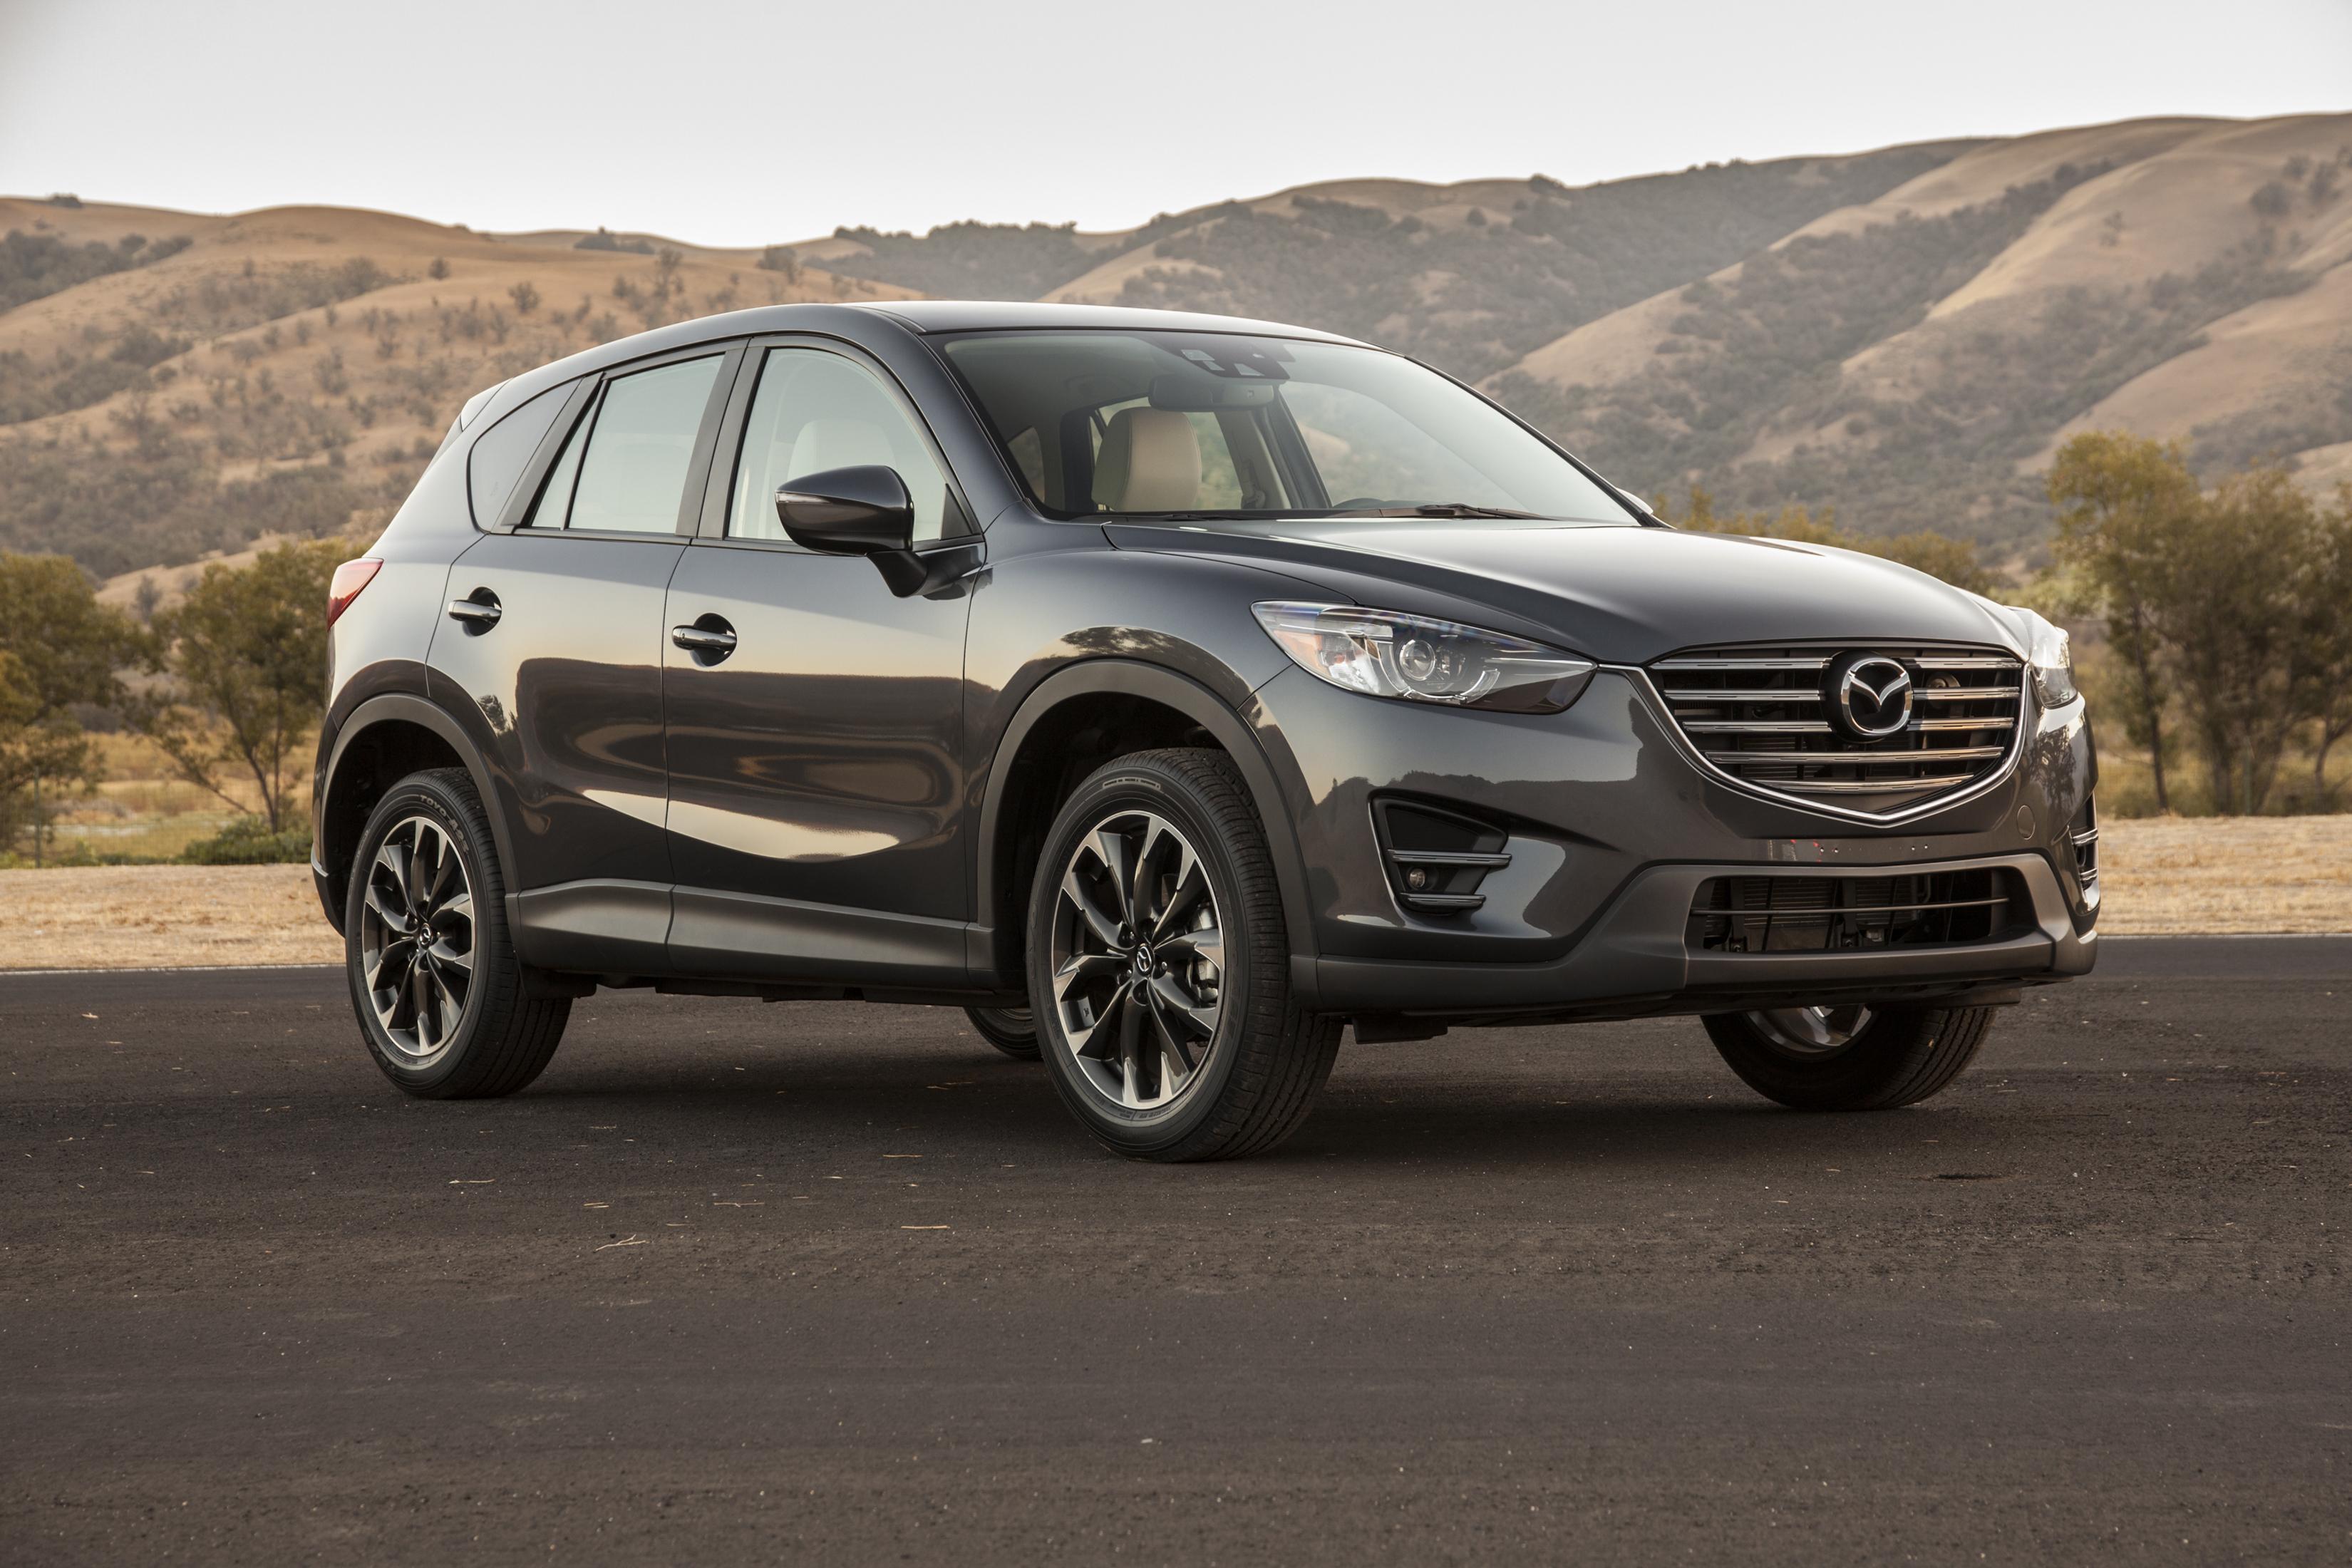 Mazda Recalls CX-5 SUVs for Fire Risk